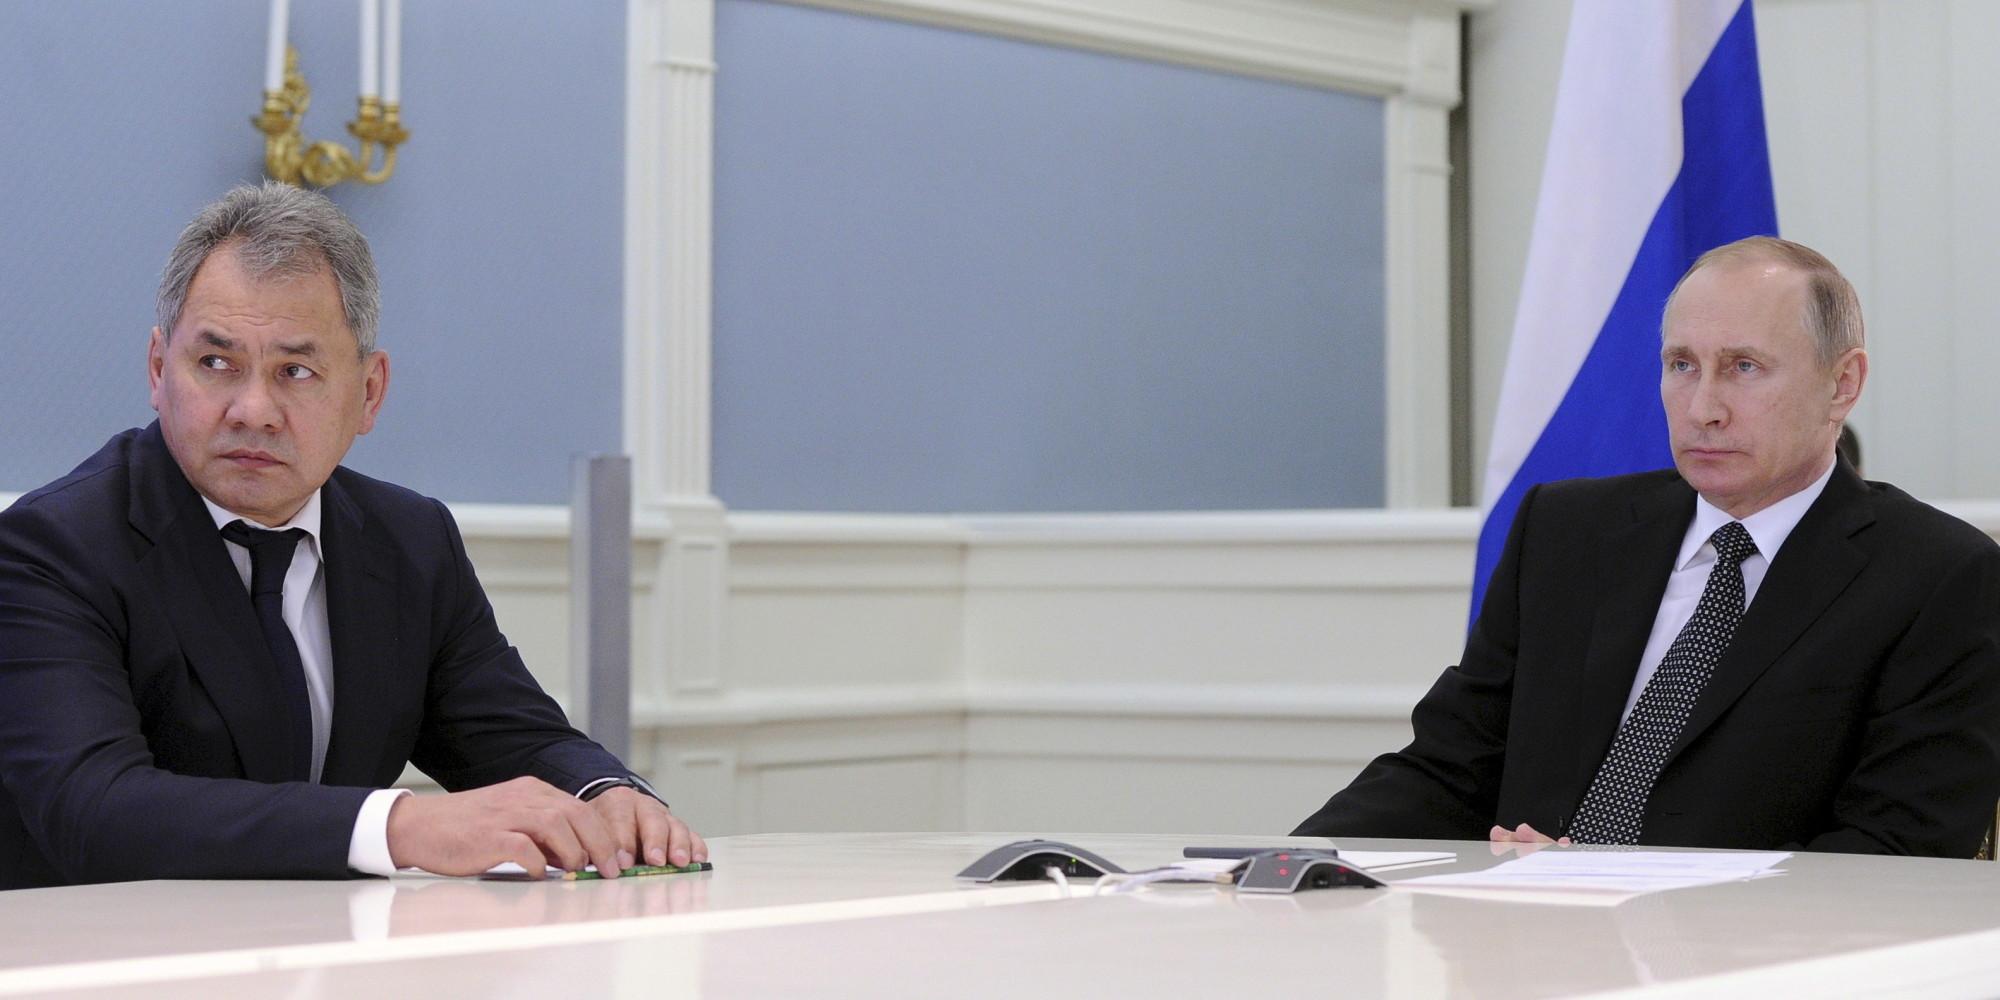 Experte erklärt: Dieser Mann könnte der Nachfolger Wladimir Putins werden